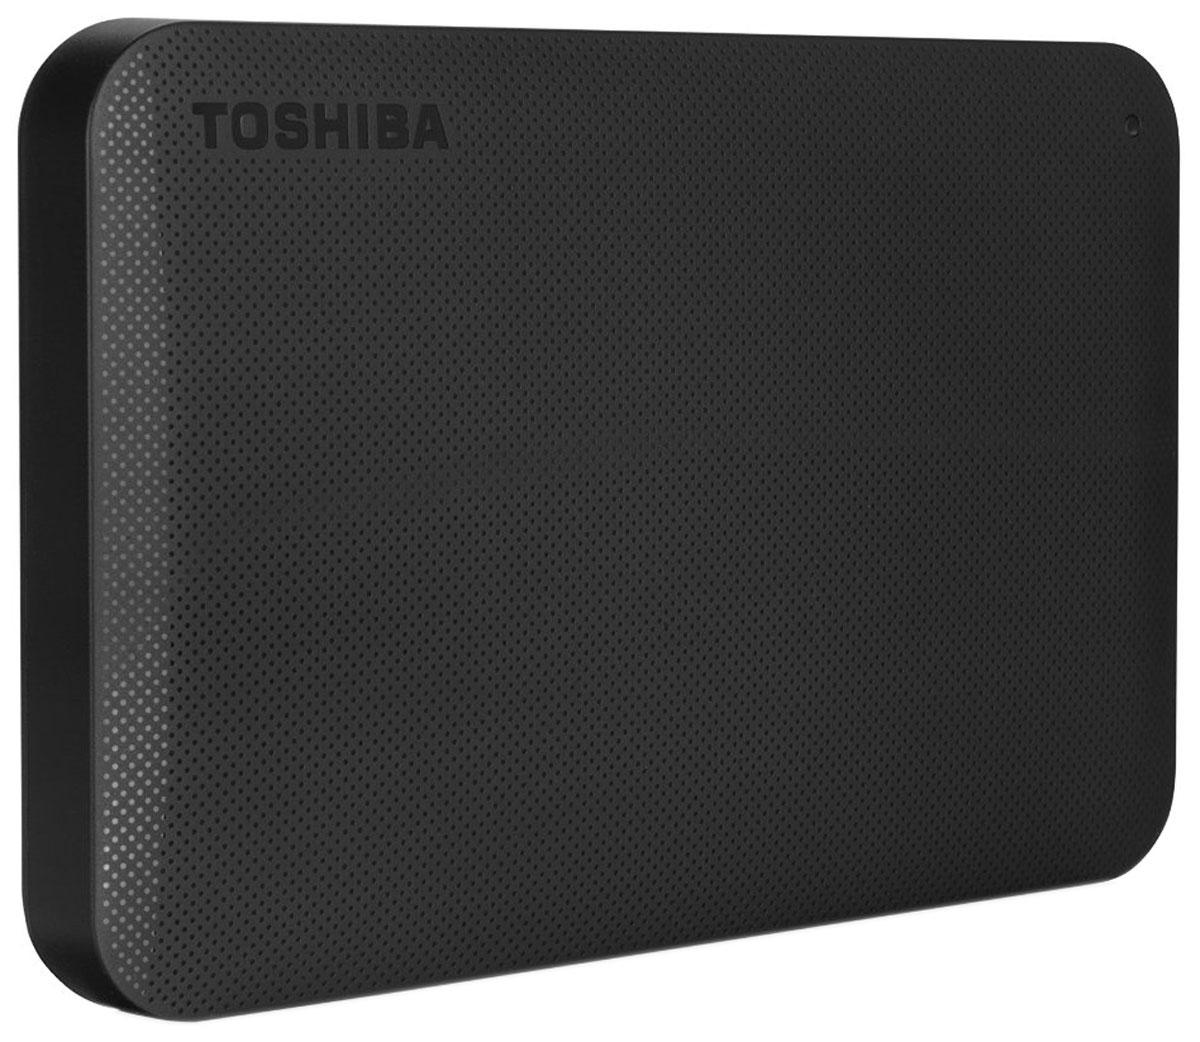 Toshiba Canvio Ready 2TB, Black внешний жесткий диск (HDTP220EK3CA)HDTP220EK3CAВнешний жесткий диск Toshiba Canvio Ready отличается высокими показателями по быстроте деятельности. Практически в течение считанных мгновений у вас появятся доступы к интересующим информационным данным. Такой результат достигается за счет эффективности действия интерфейса USB 3.0.Теперь вы сможете вести запись данных на скорости, равной 5 Гбит/с, что позволит копировать большие файлы в кратчайшие сроки. Обратная совместимость с интерфейсом USB 2.0 гарантирует стабильную работу с оборудованием предыдущего поколения: при помощи Canvio Ready удобно переносить информацию со старого компьютера на новый.Пропускная способность интерфейса: 5 Гбит/сек Поддержка ОС: Windows 10, Windows 8, Windows 7